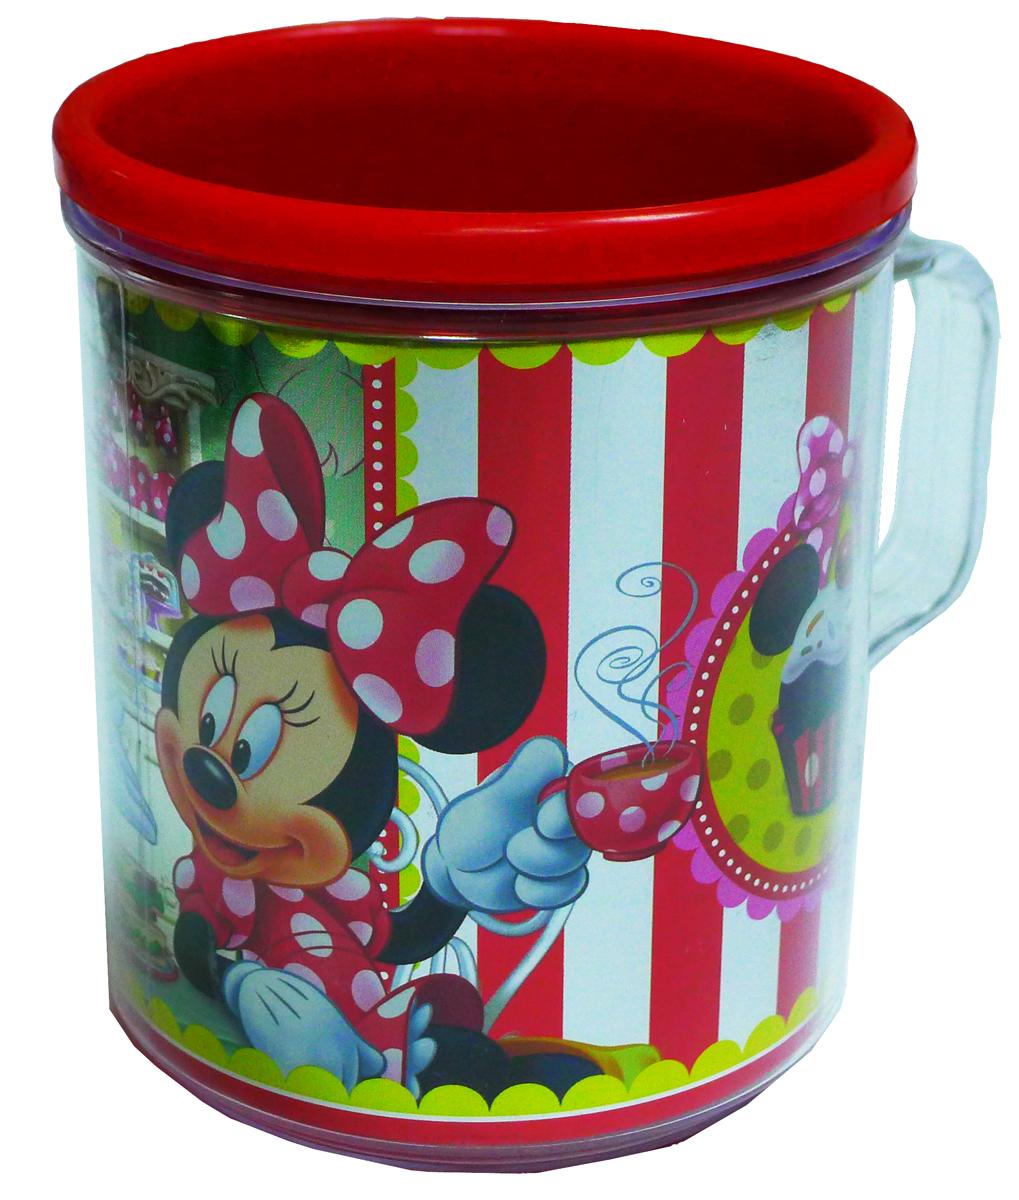 Disney Термокружка детская Минни и ДейзиС25-МПроизведено по лицензии Walt Disney.